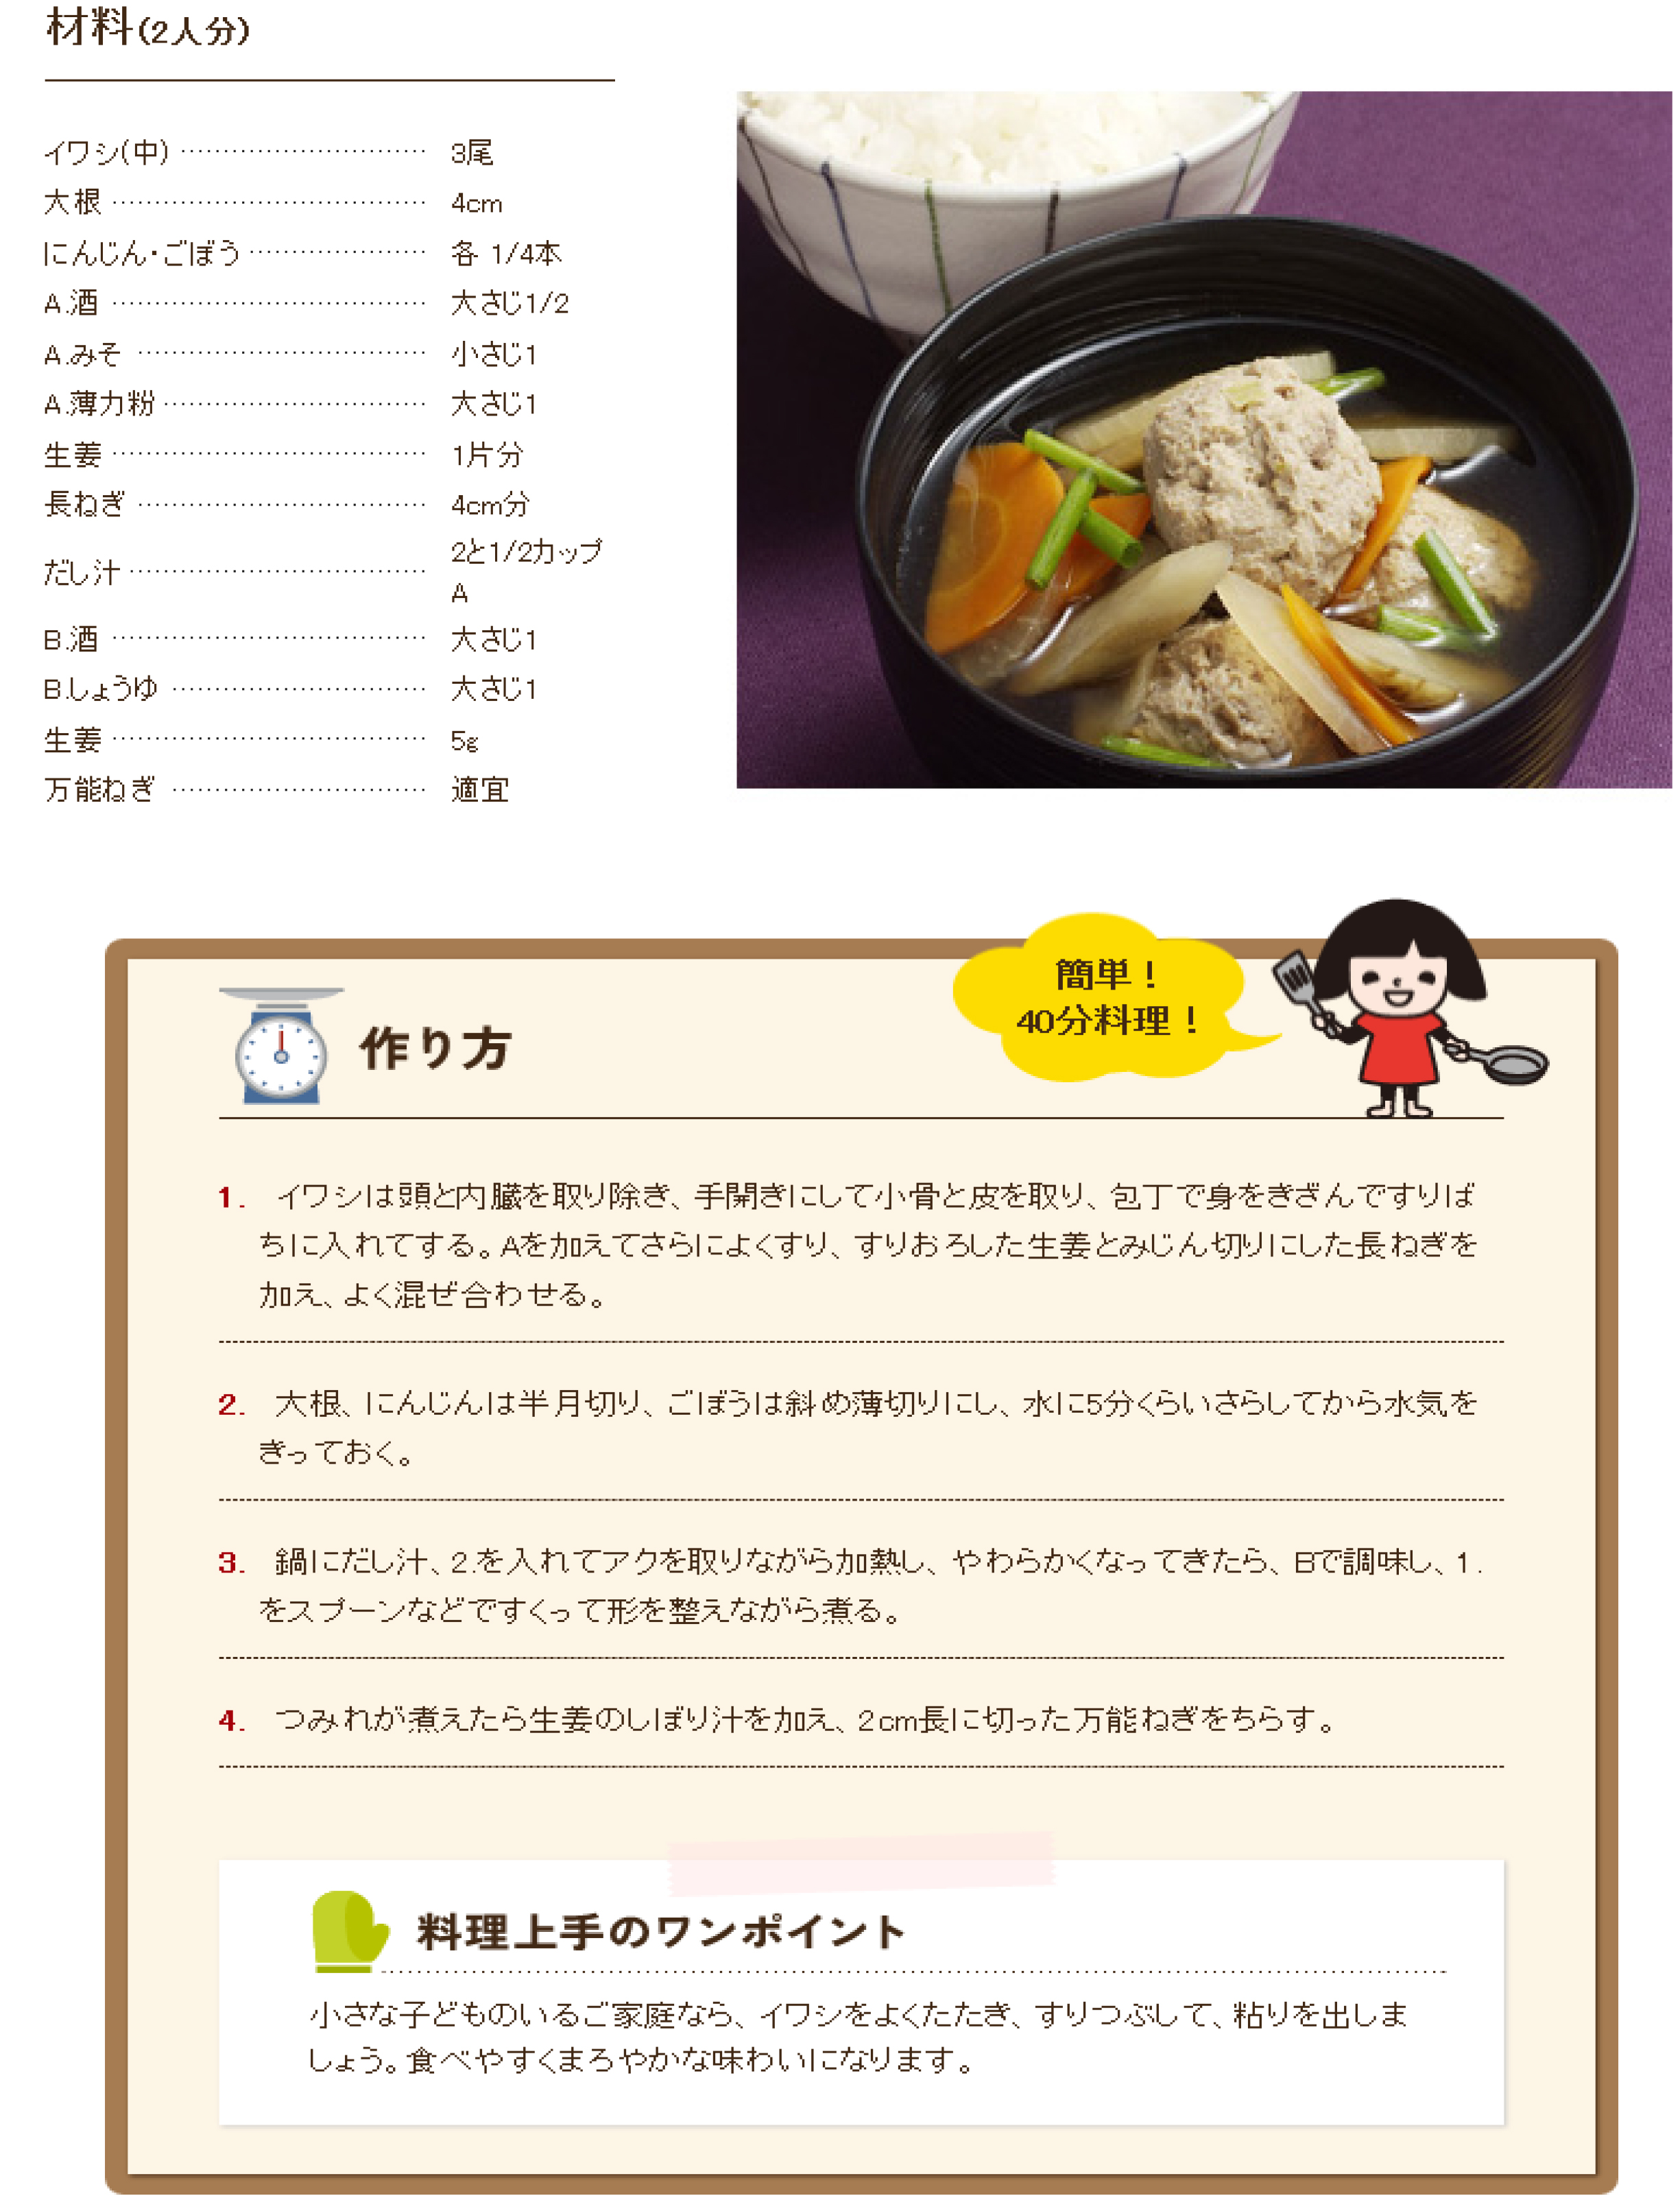 daikon_recipe